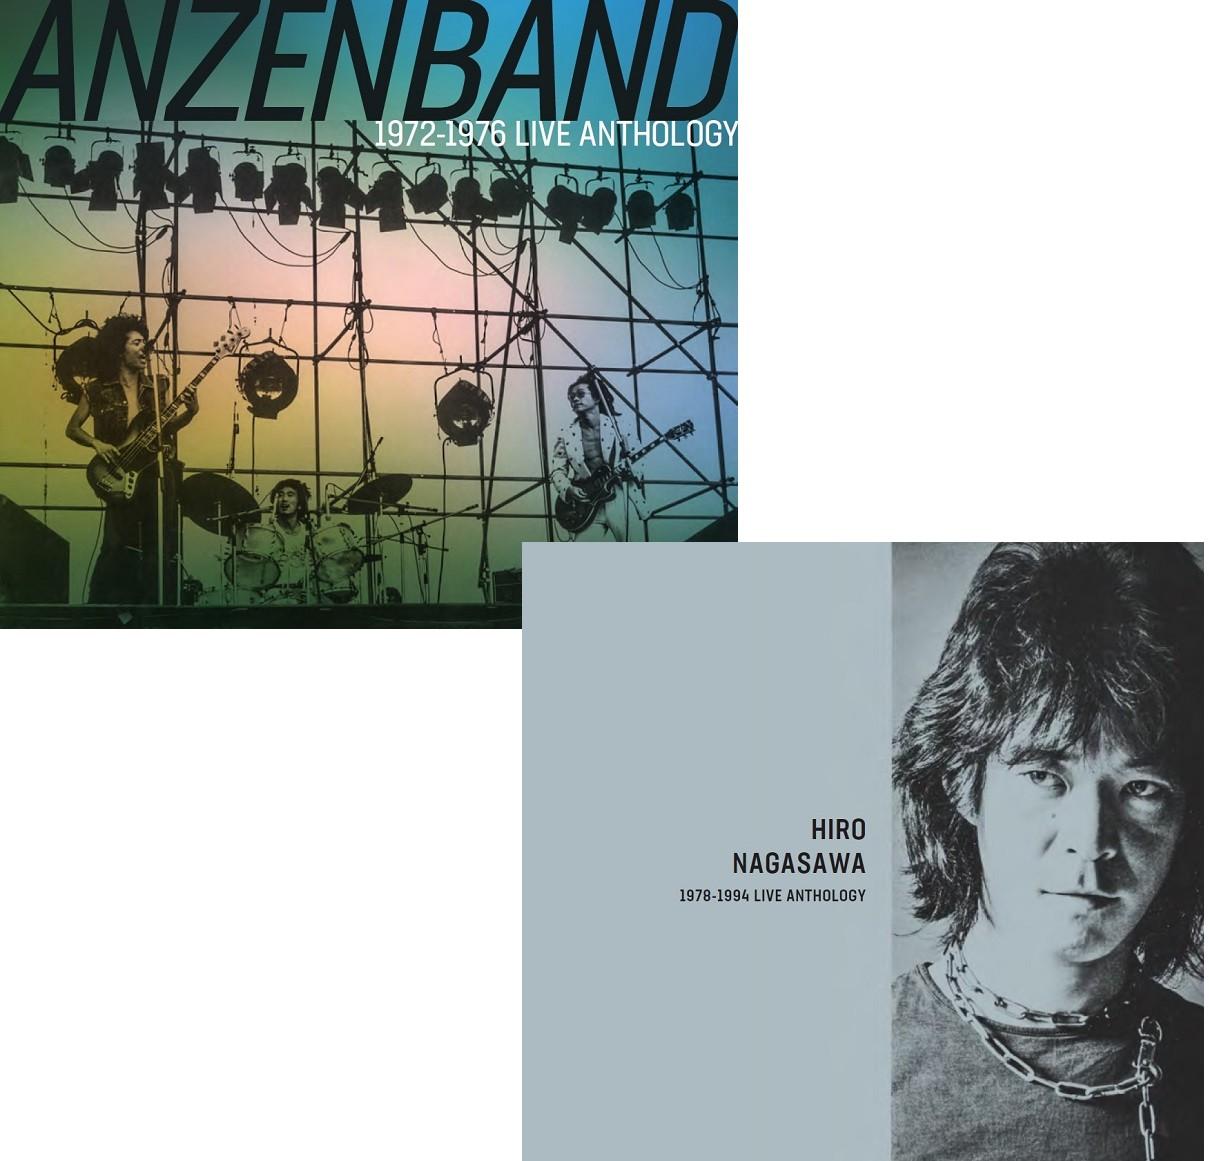 あんぜんバンド(安全バンド)+長沢ヒロ / 1972-1976 LIVE ANTHOLOGY+1978-1994 LIVE ANTHOLOGYまとめ買いセット